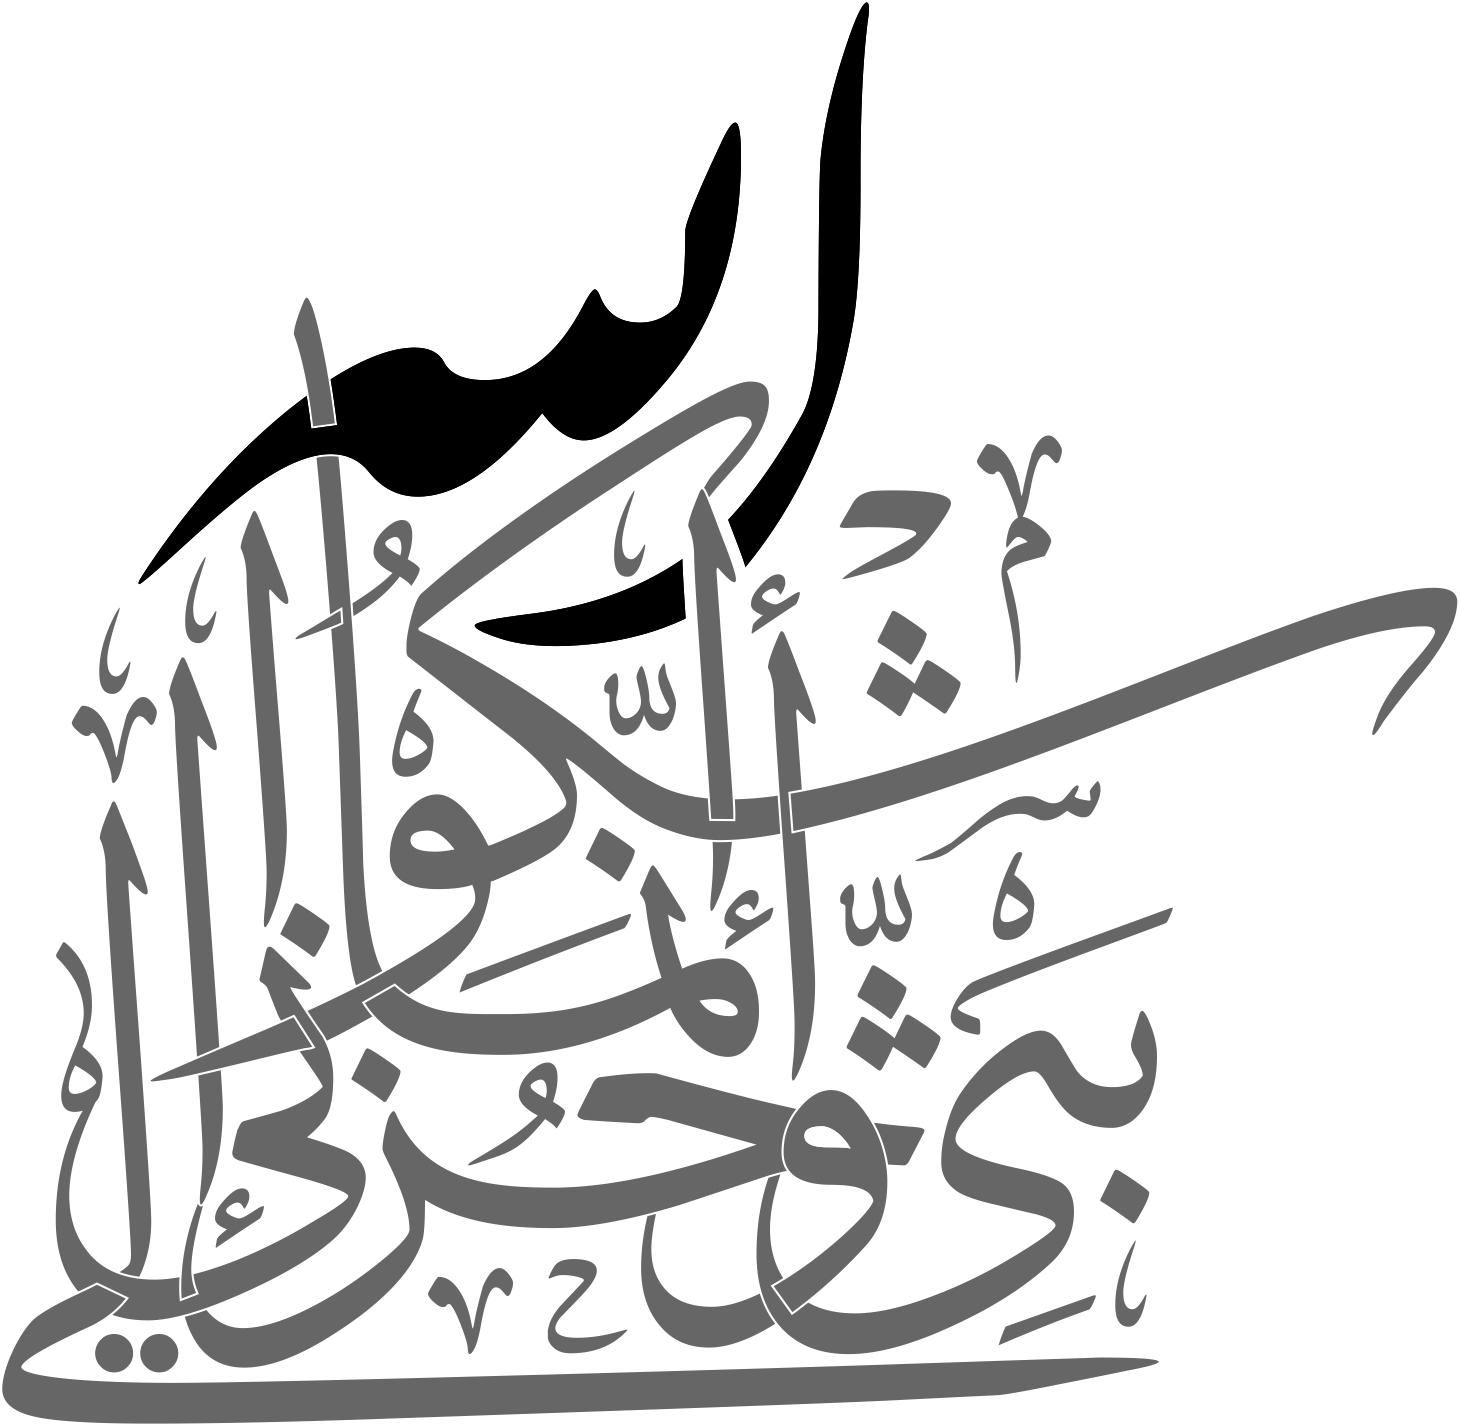 Arabic Calligraphy Innamaa Ashkoo Bassi Wa Huzni Ilallah